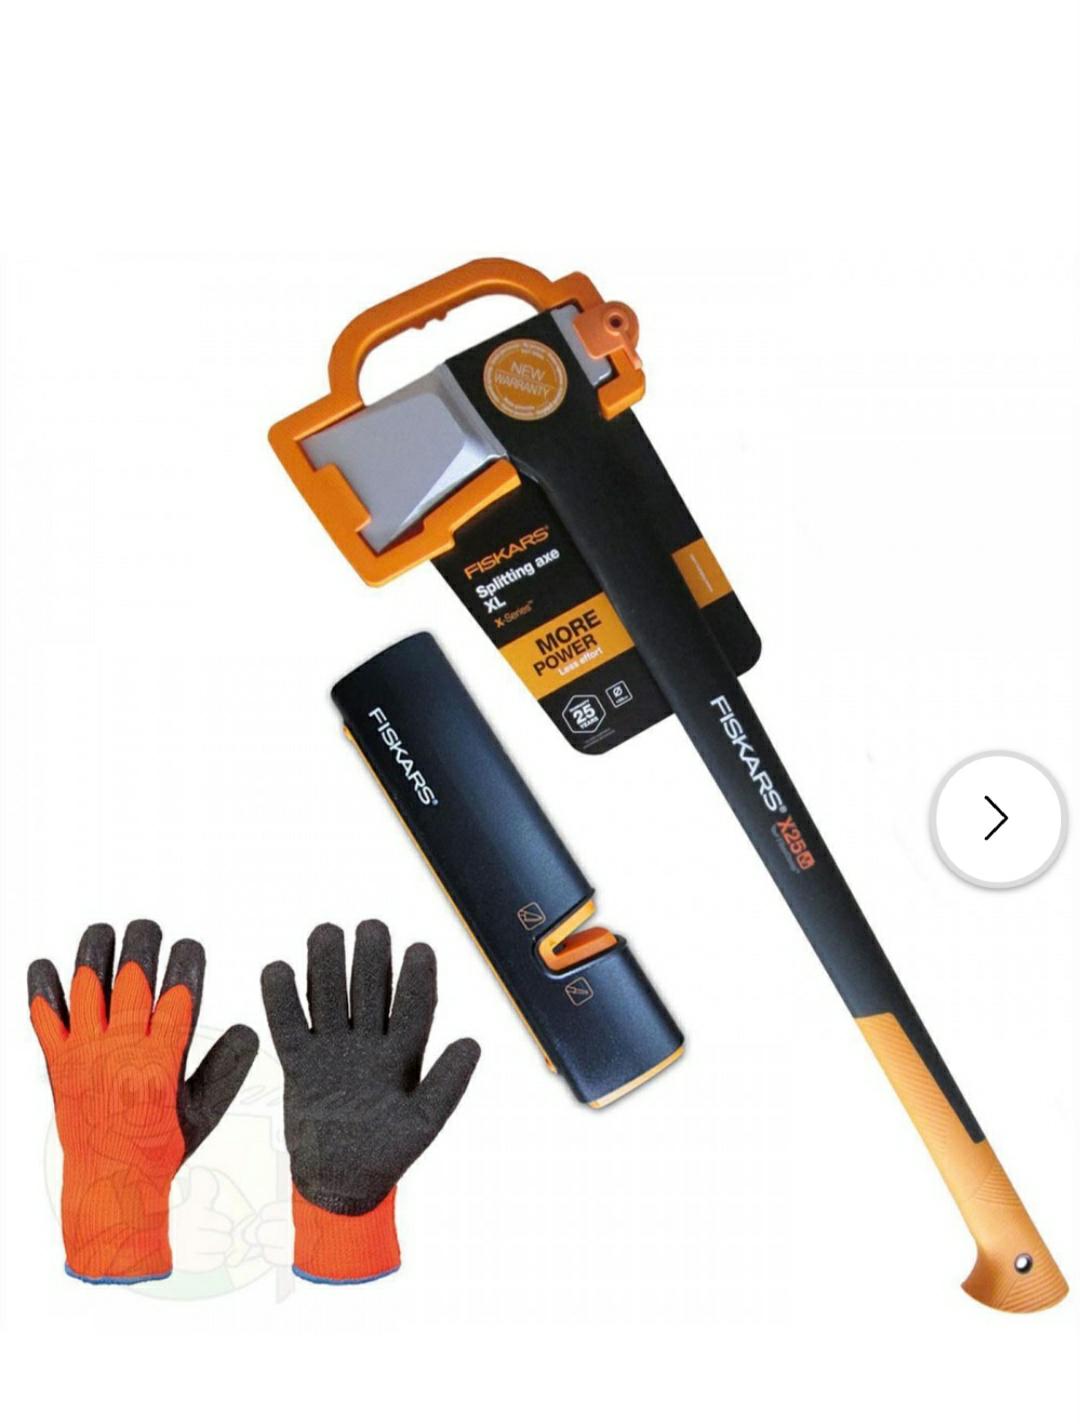 FISKARS Set Spaltaxt X25 -XL + Xsharp Axt- & Messerschärfer + Handschuhe durch Prämienaktion [Rakuten]